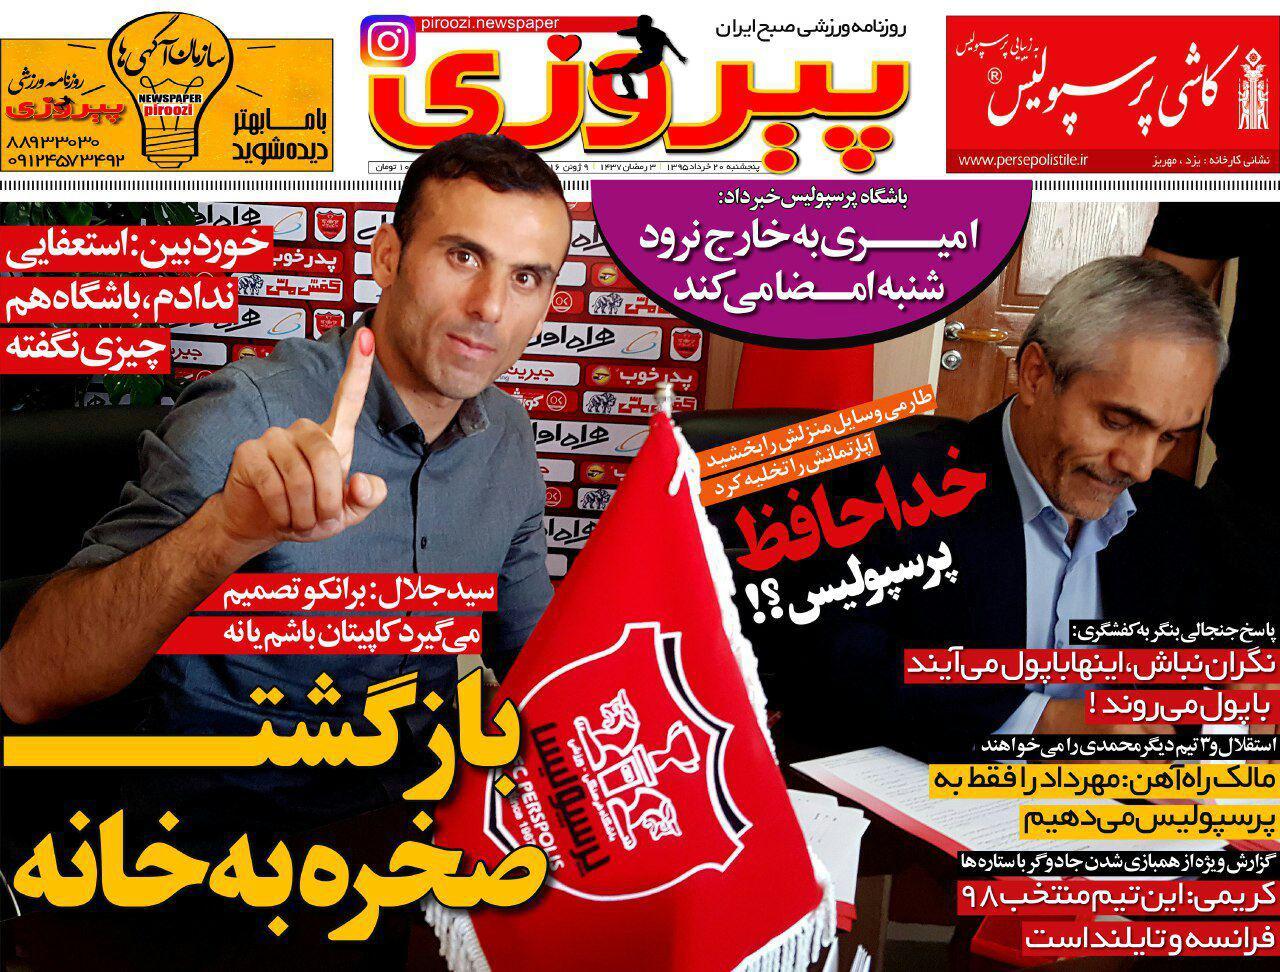 جلد پیروزی/پنجشنبه 20 خرداد 95